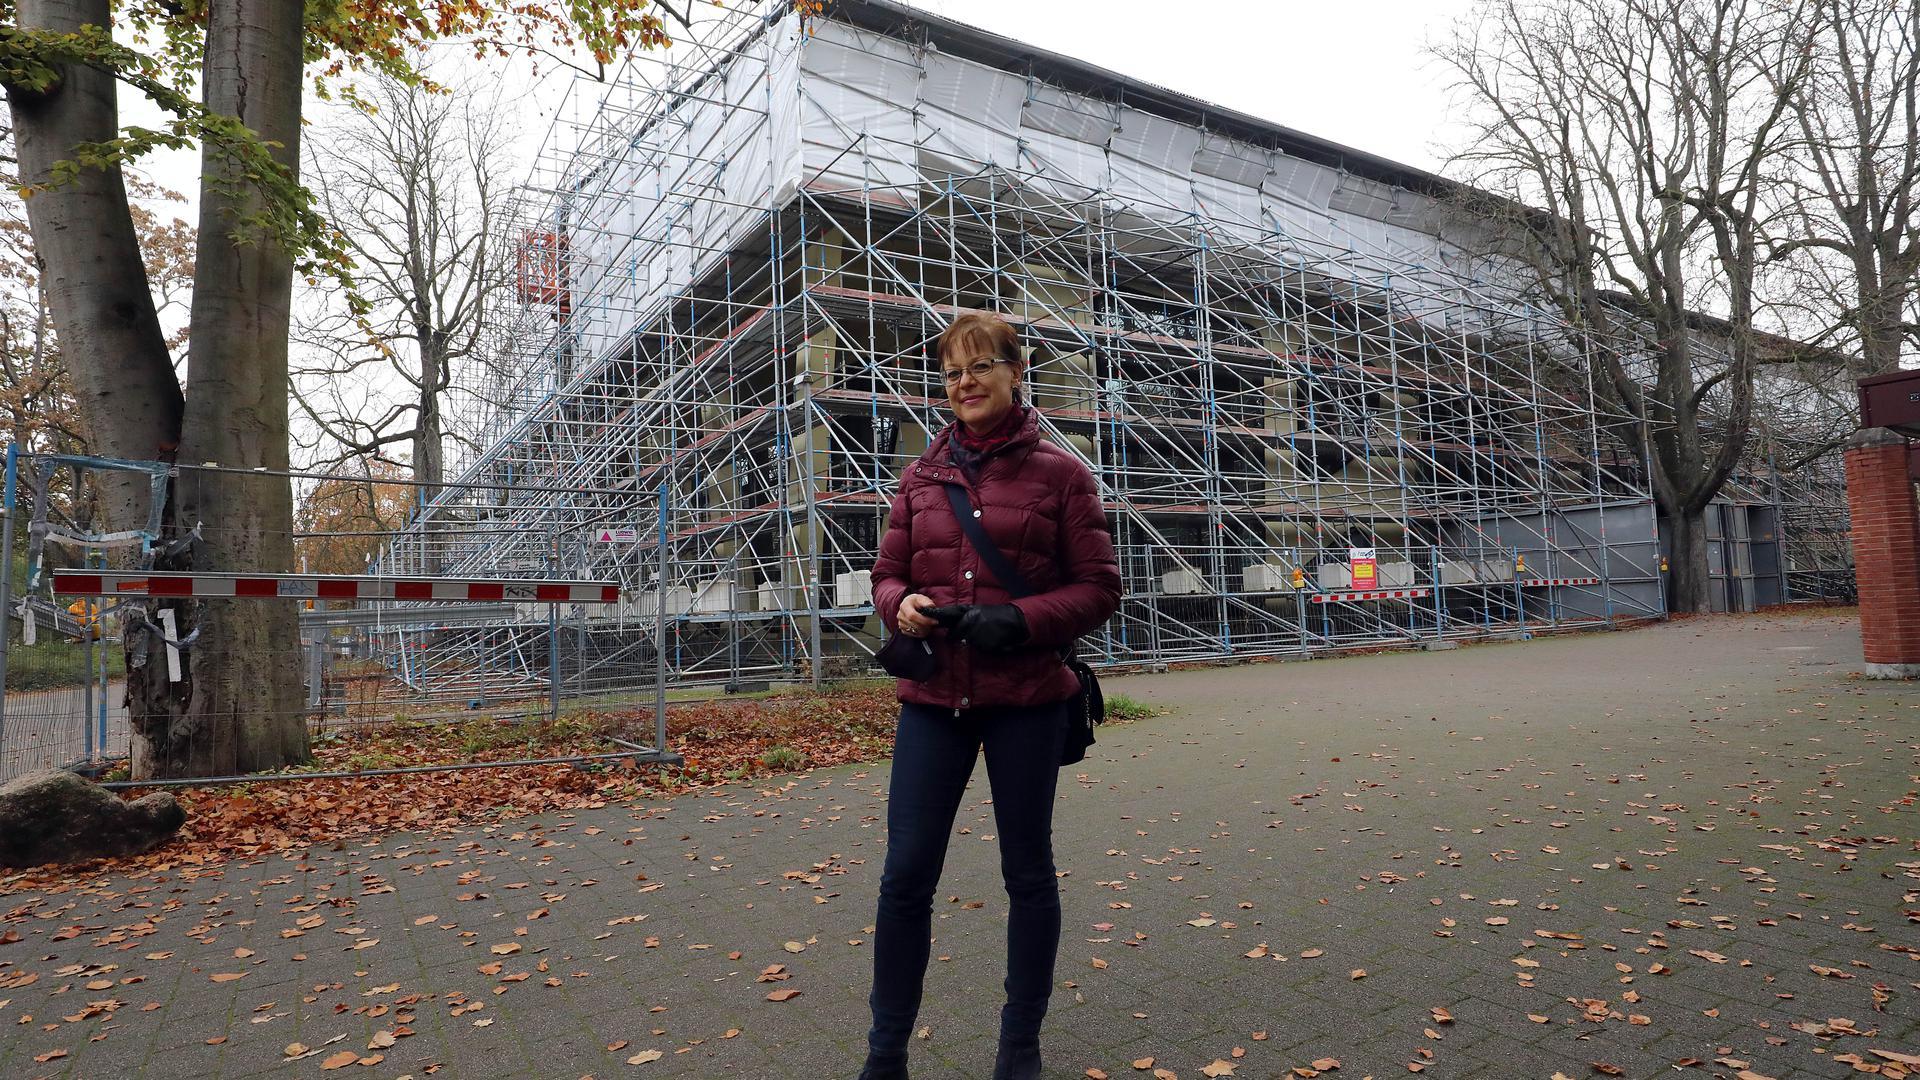 """Hinter Gerüst-Gittern: Die preisgekrönte """"Mensa Moltke"""" steckt seit 2018 in der Sanierungsphase. BNN-Leserin Isabella Pallmer-Roth fragt sich, wann es dort endlich wieder vorangeht."""